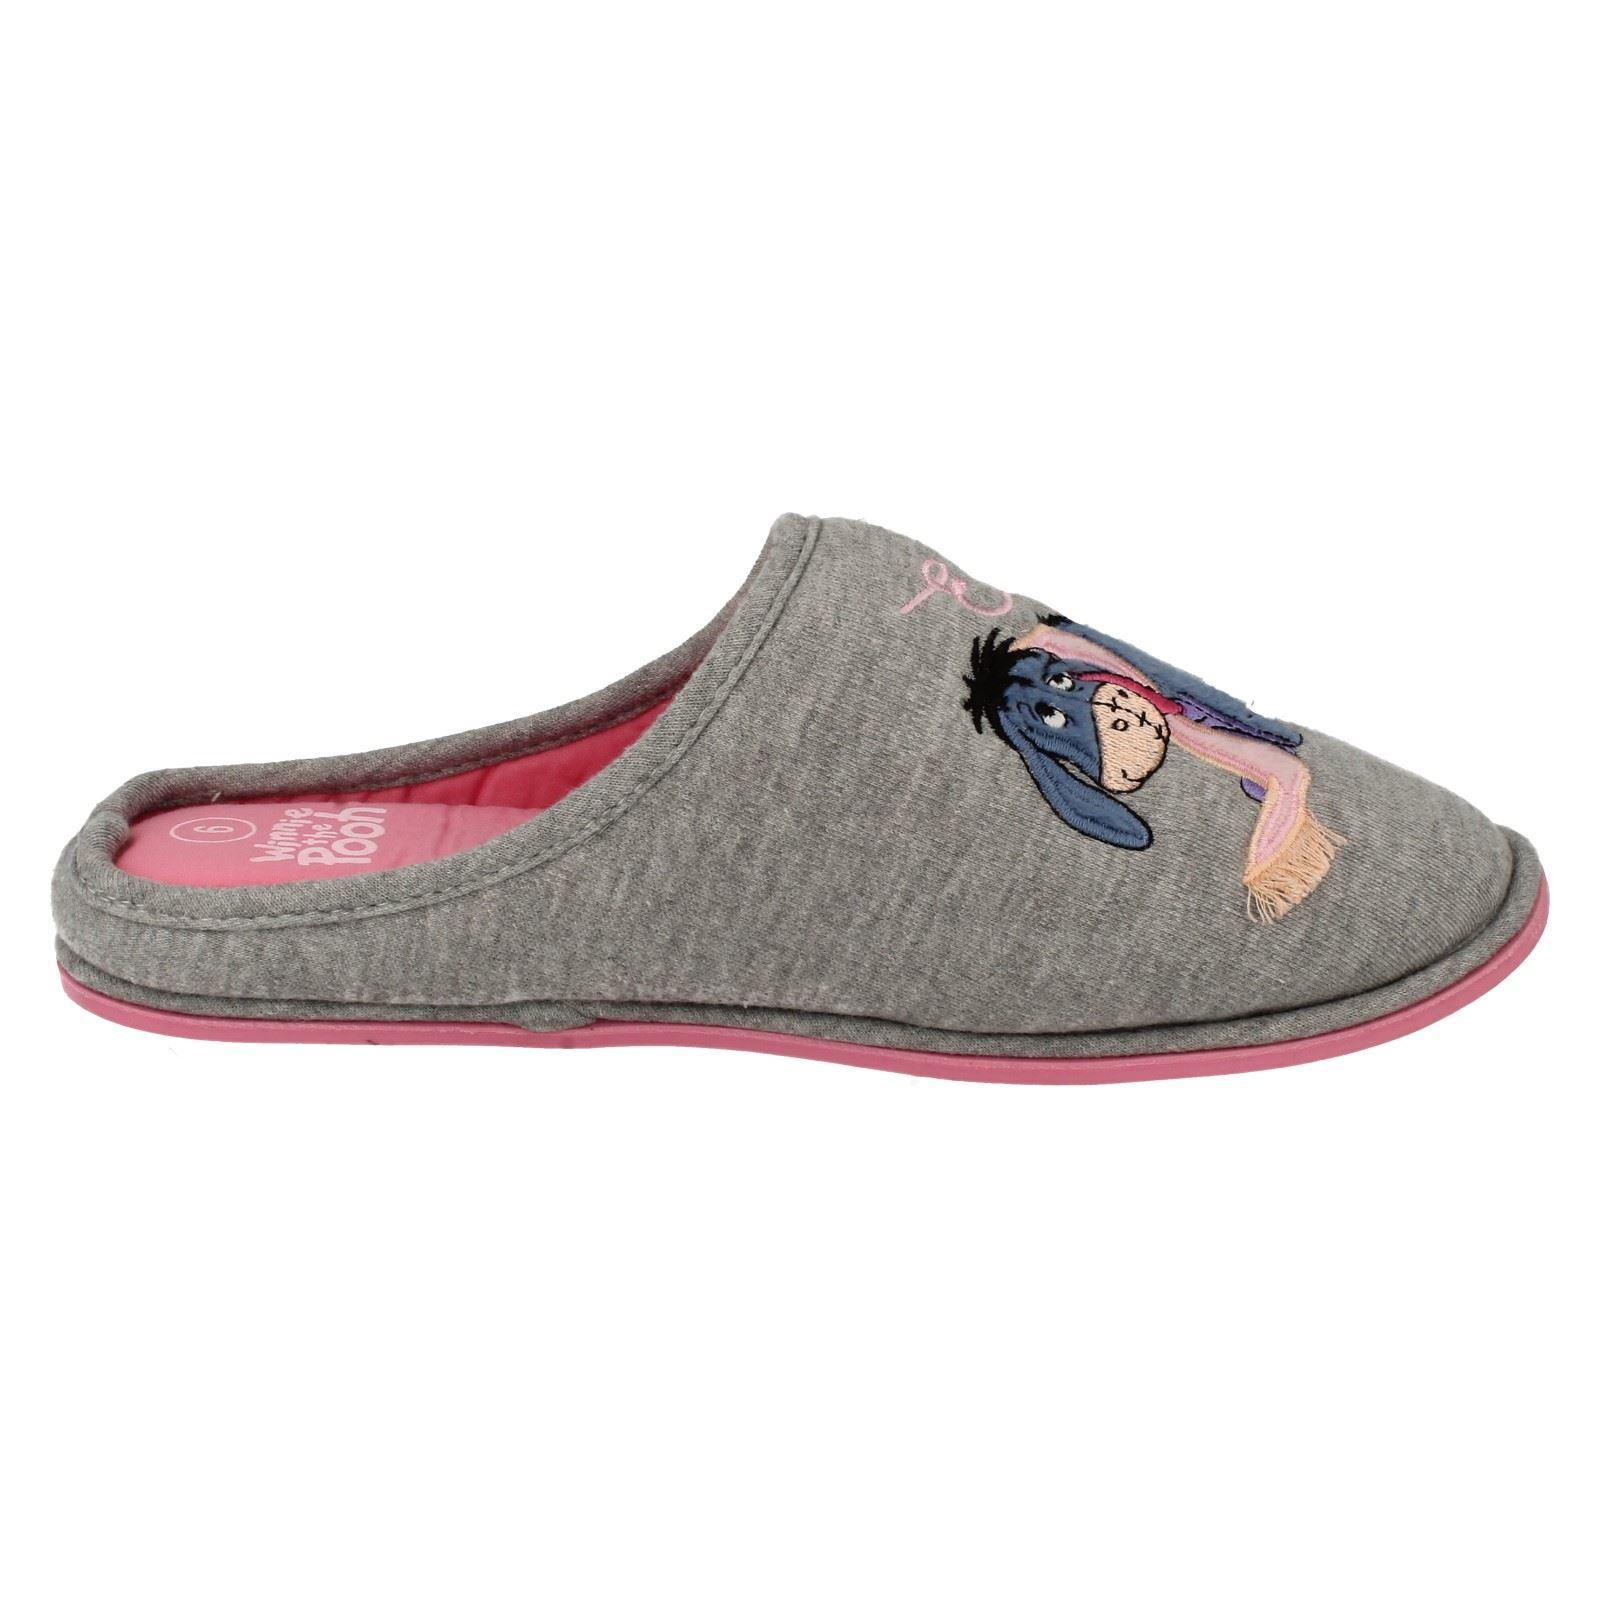 Ladies Mule Shoes Uk